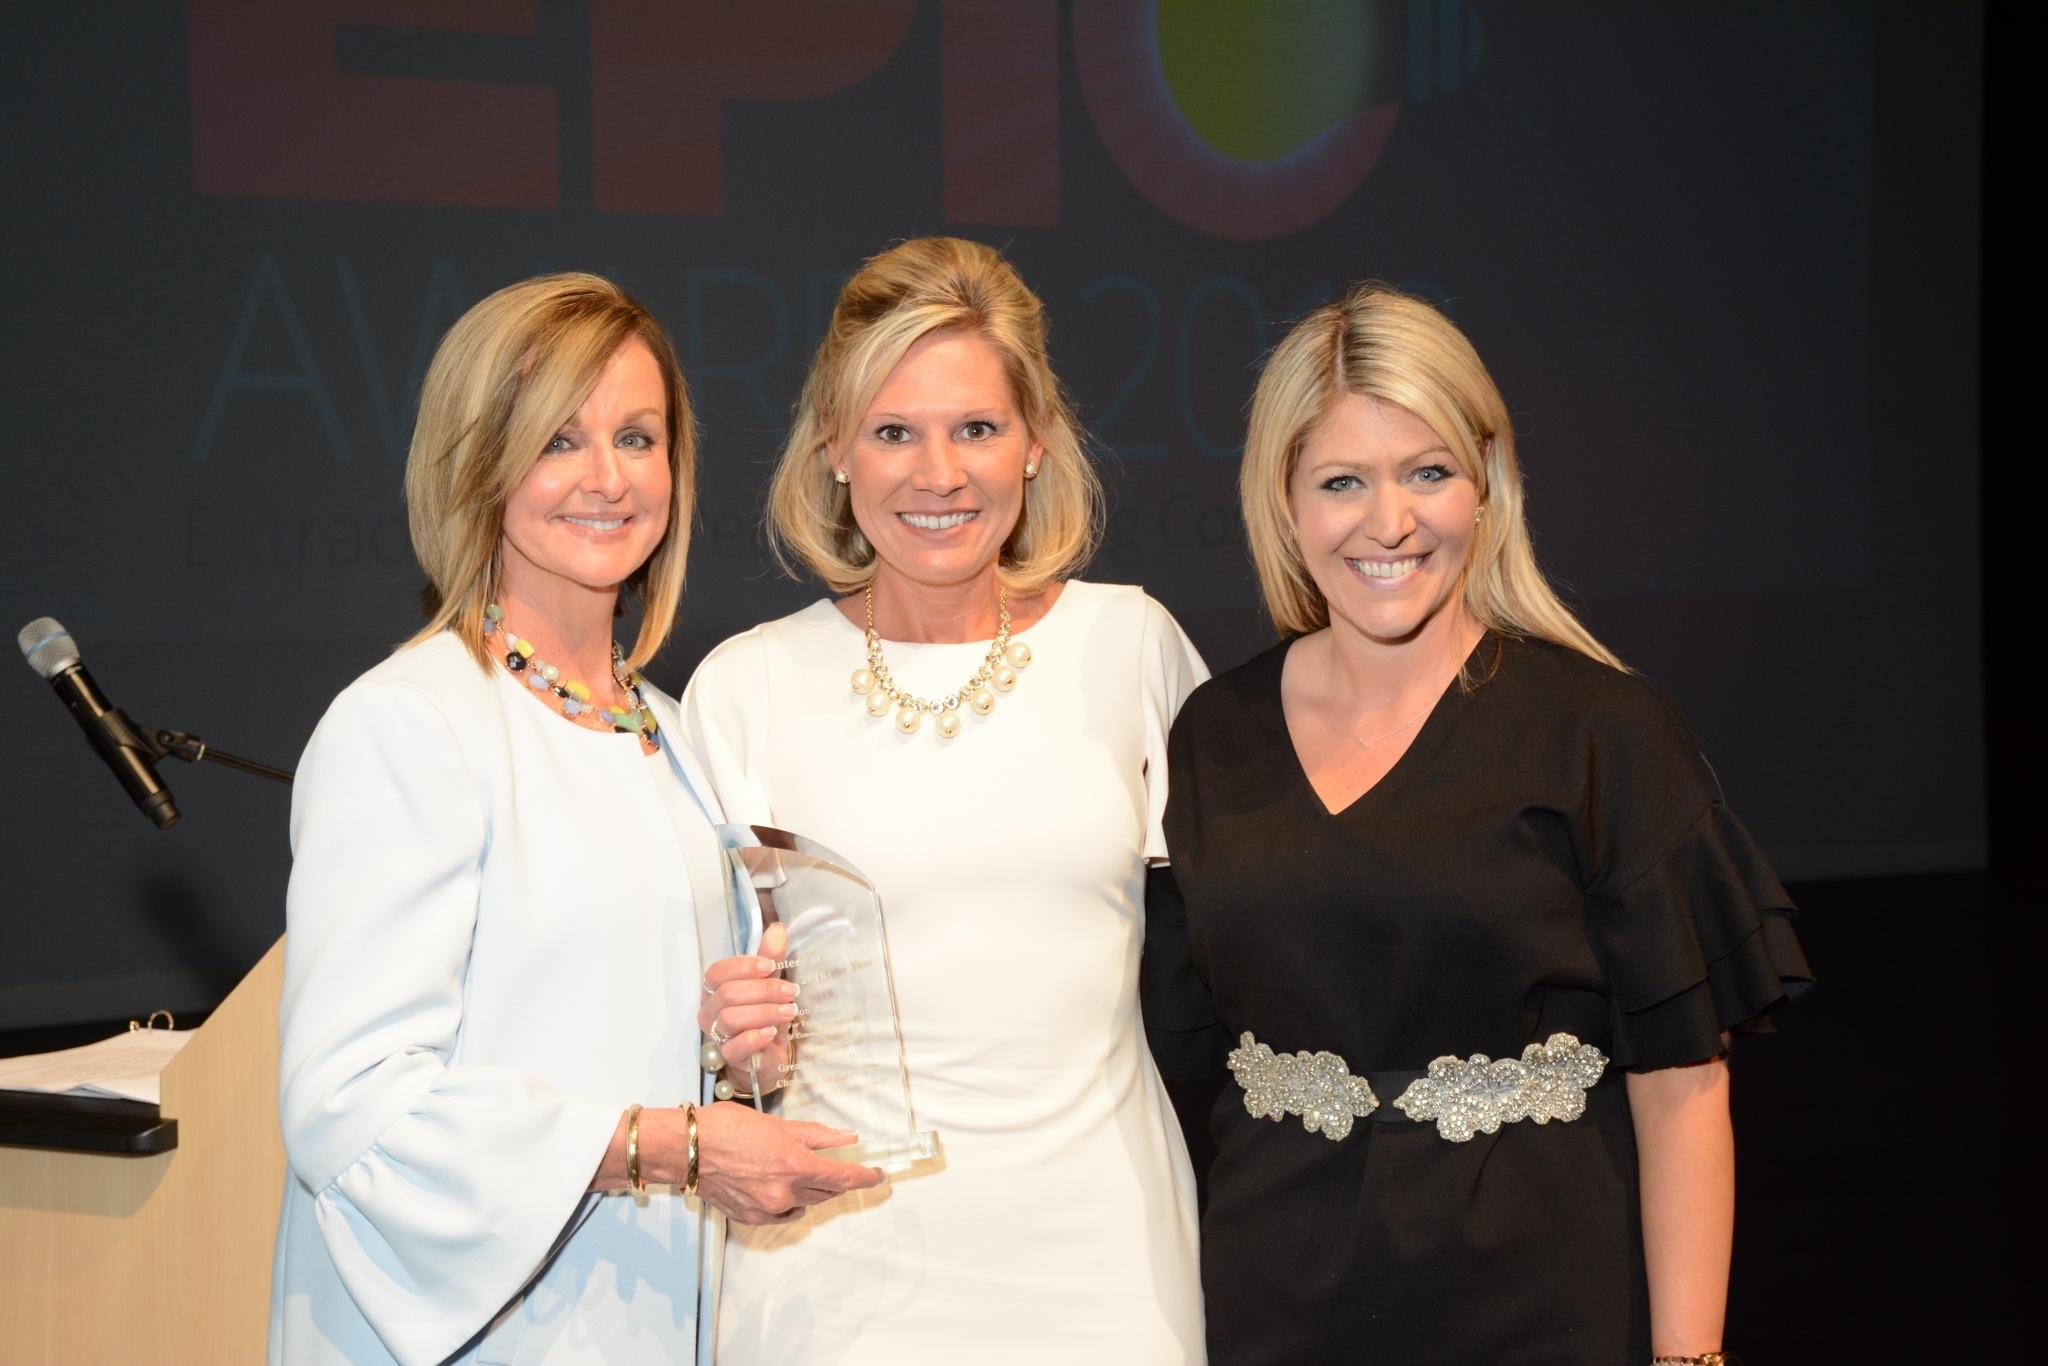 Three Women Smile While Holding an Award